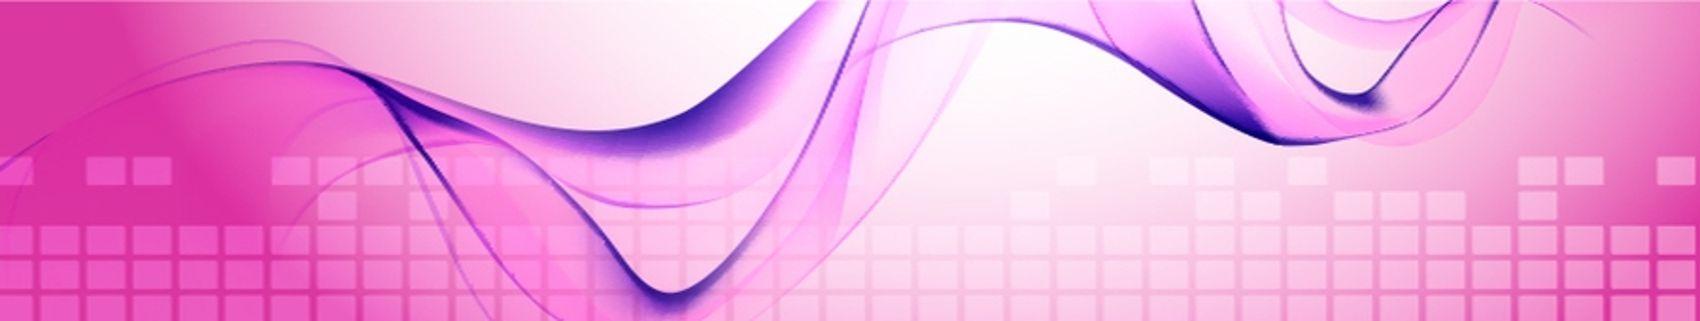 фиолетовые абстрактные волны на розовом